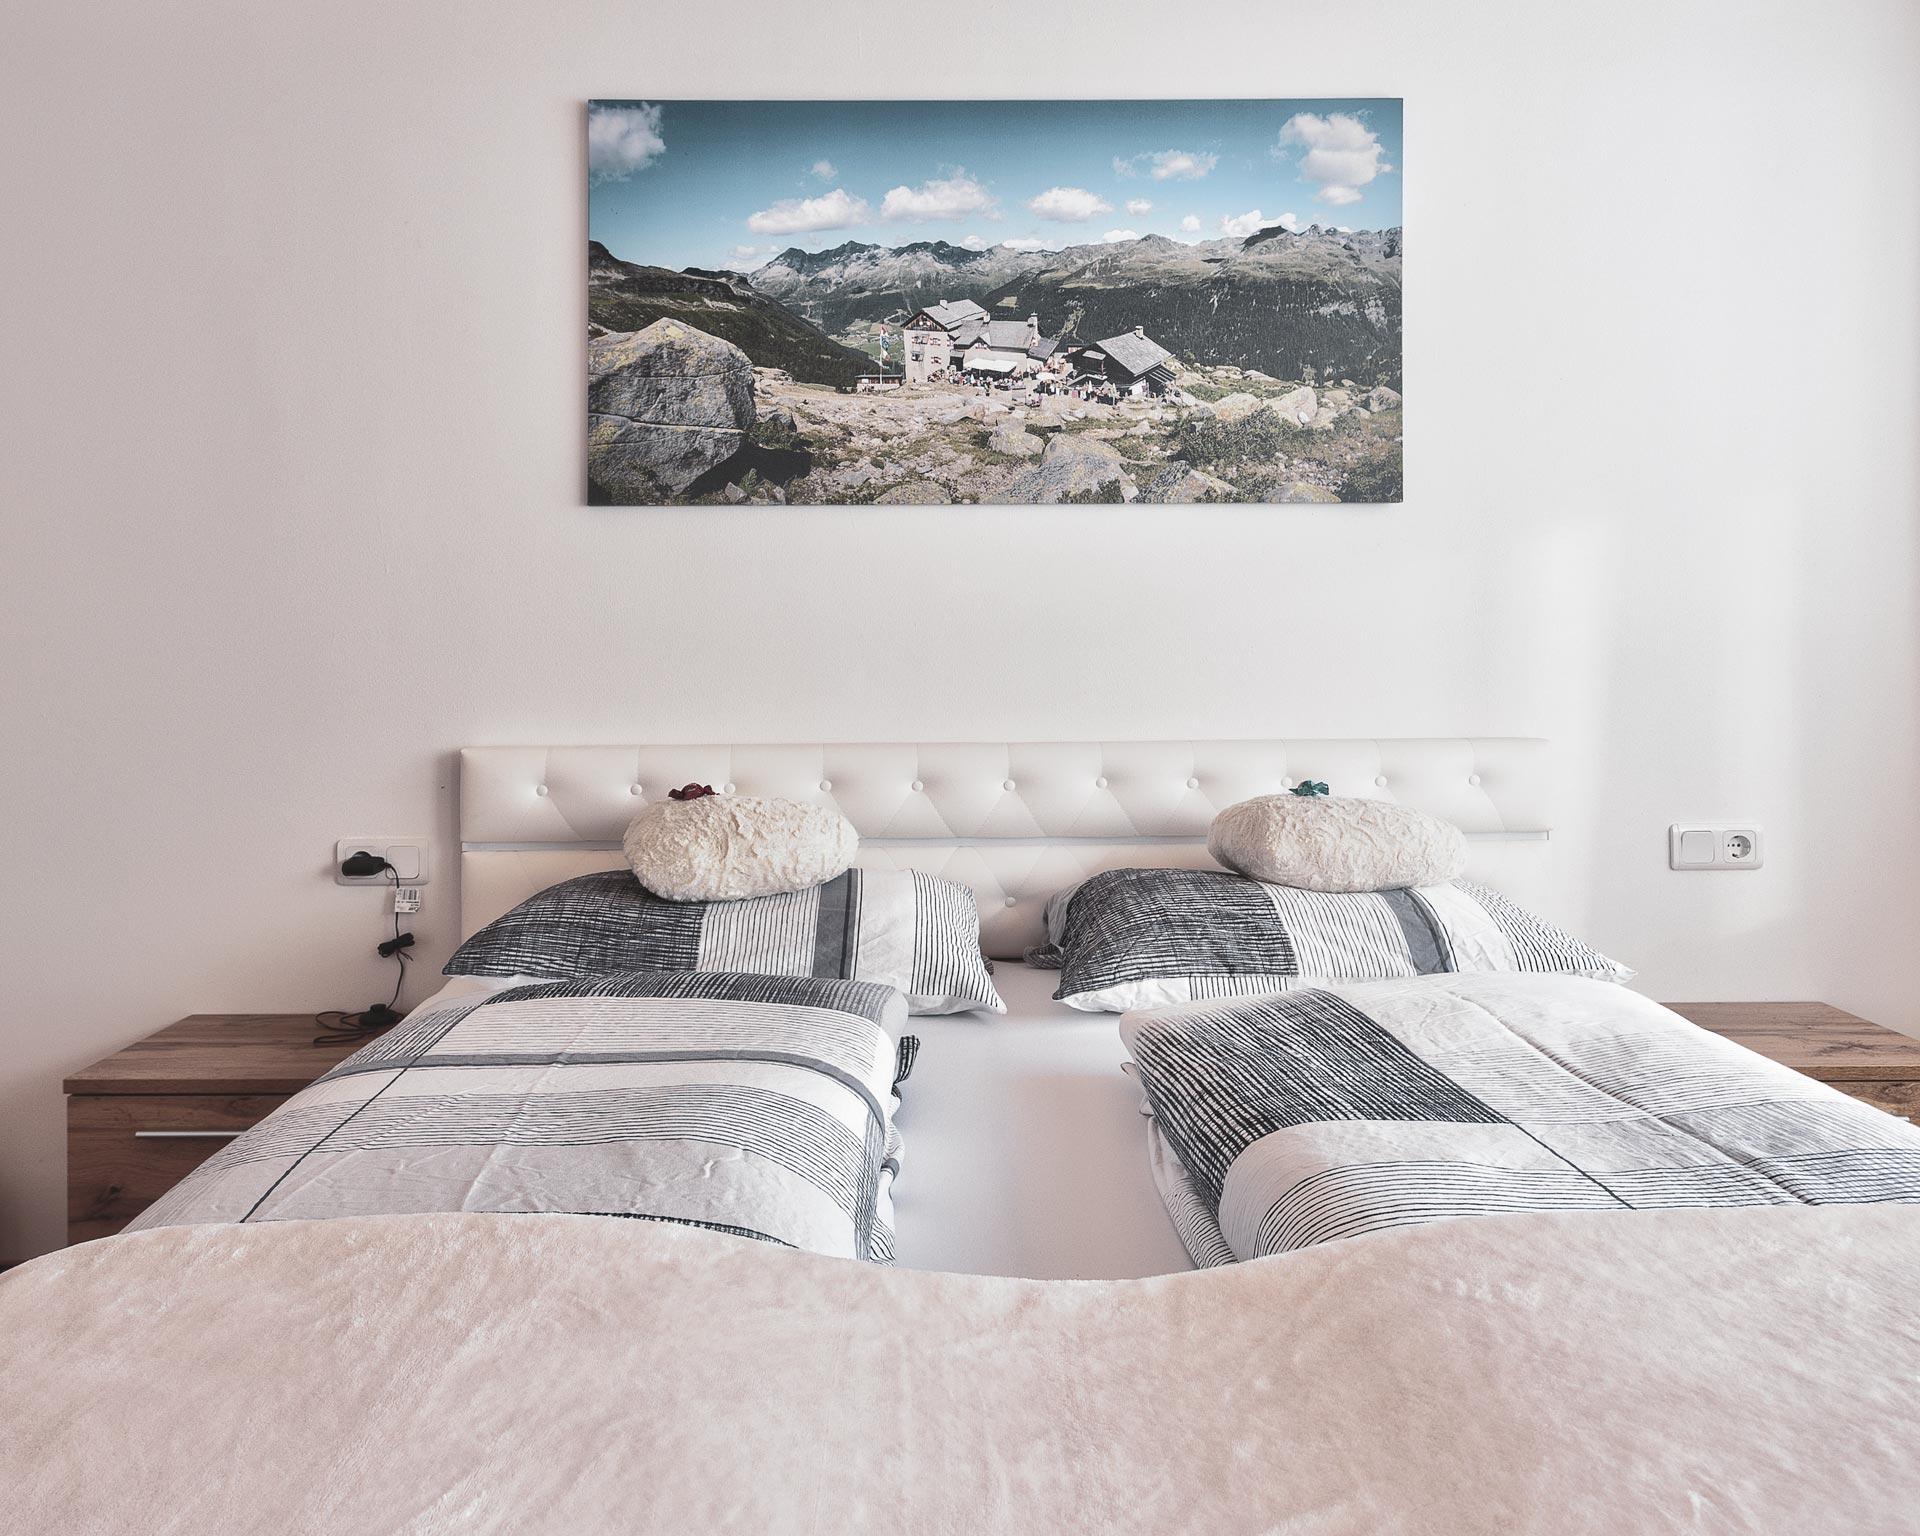 betten schlafzimmer chalet waldblick 1 appartements pfarrwirt sand in taufers